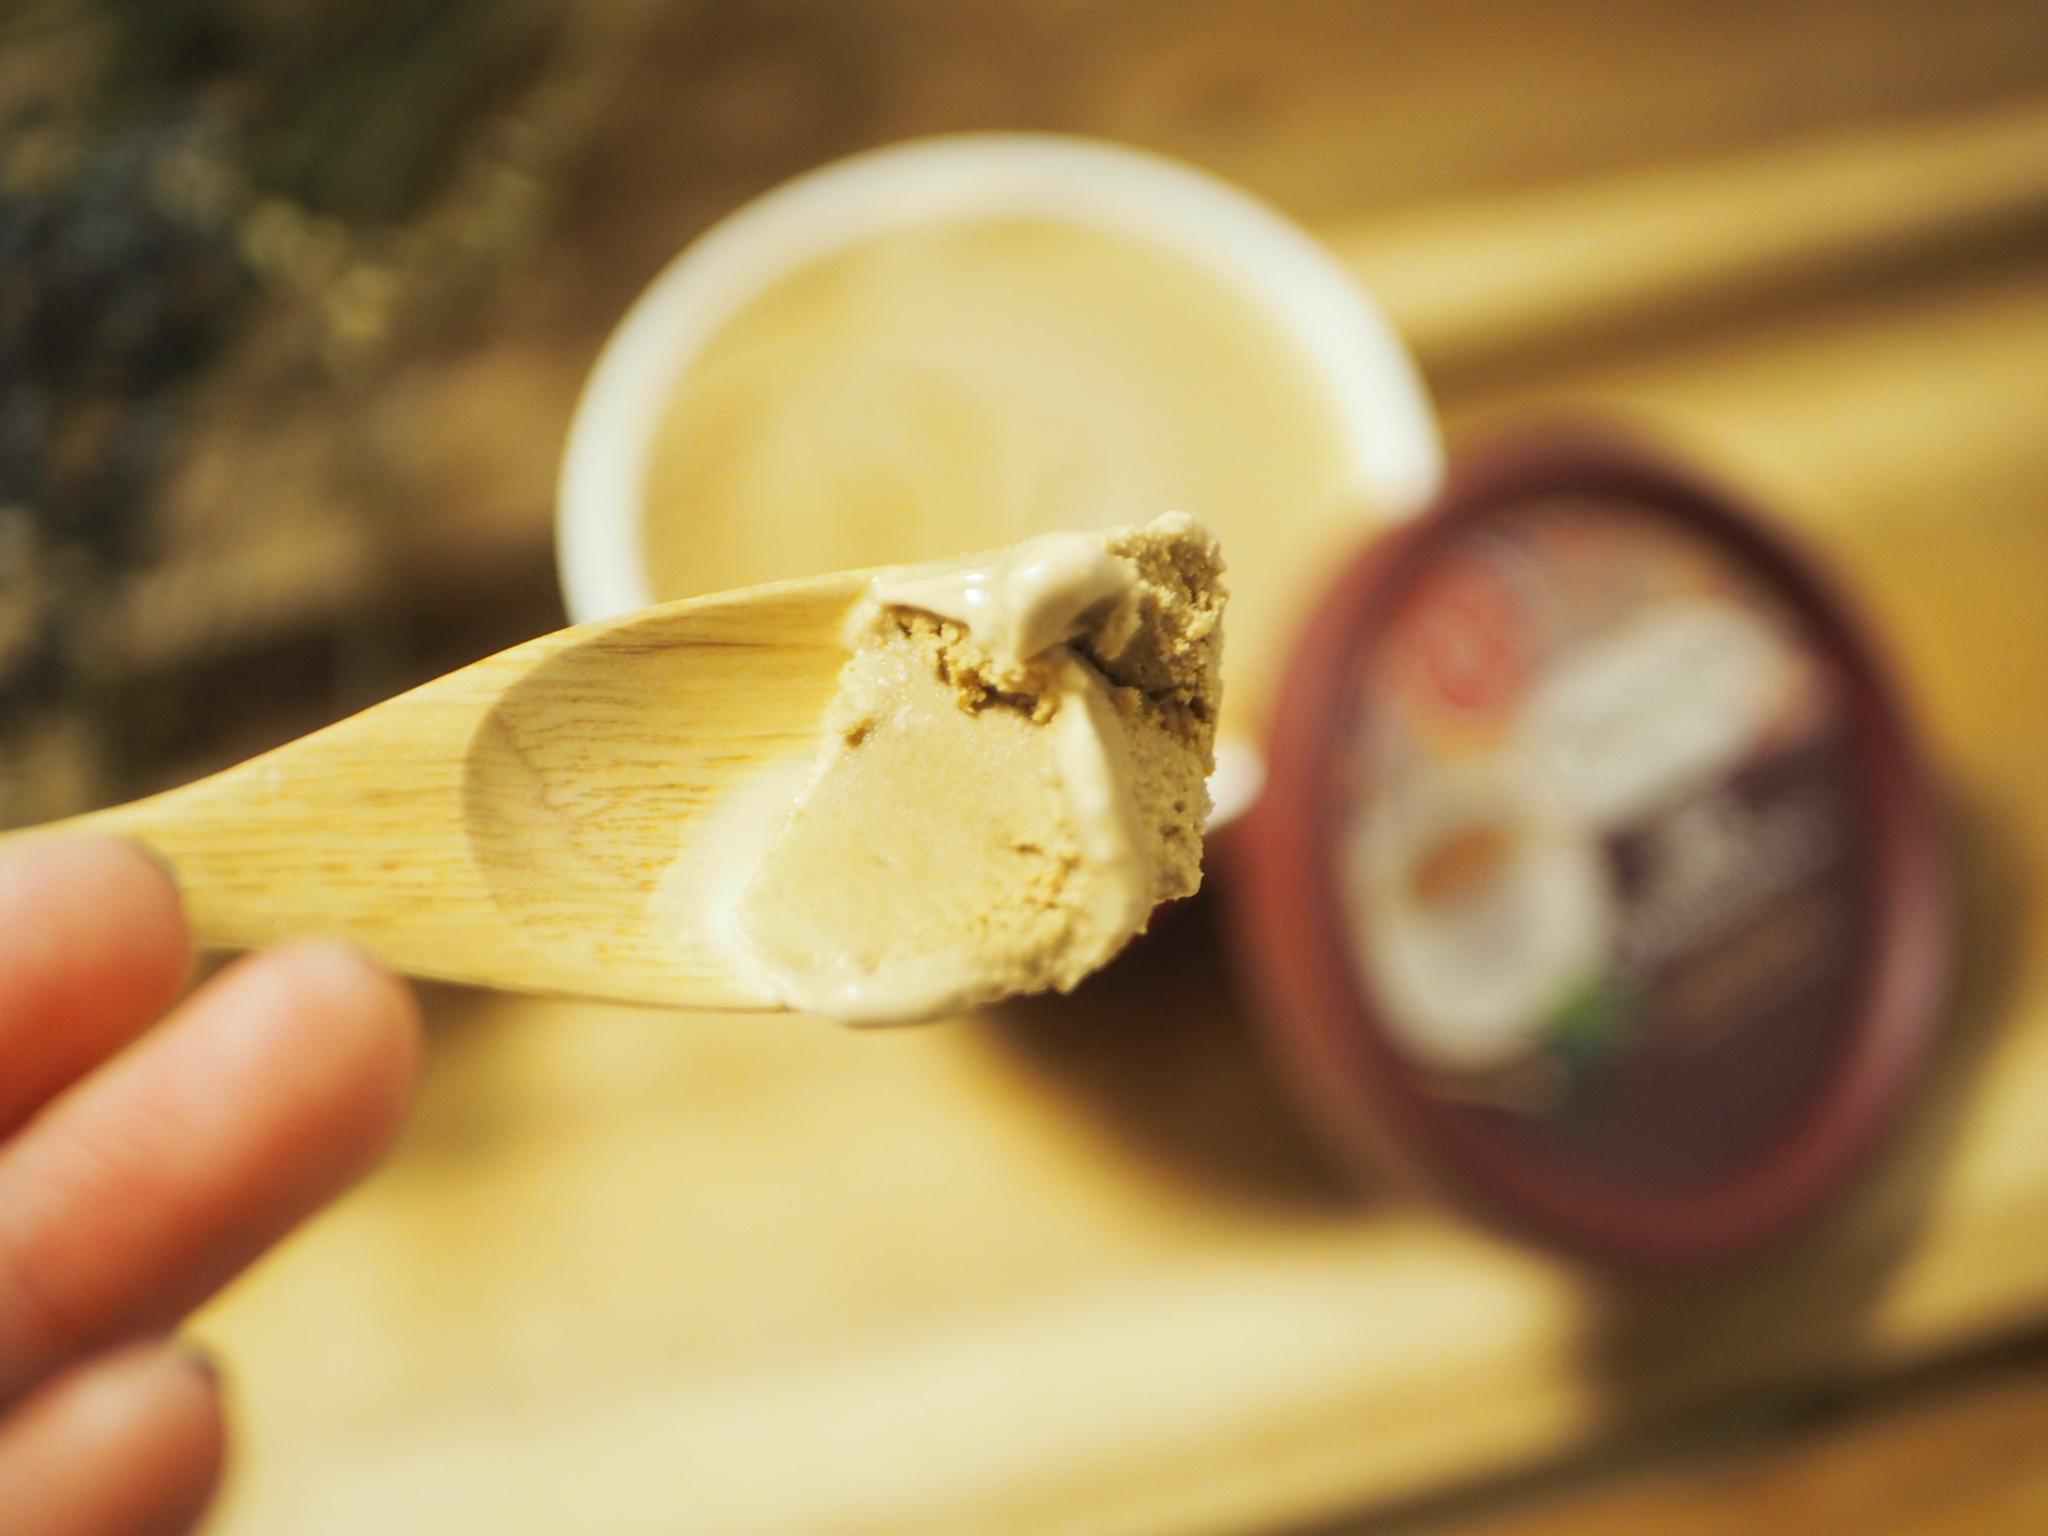 【ハーゲンダッツ新作】紅茶好き必見!「濃香ロイヤルミルクティー」は間違いない美味しさ♡_5